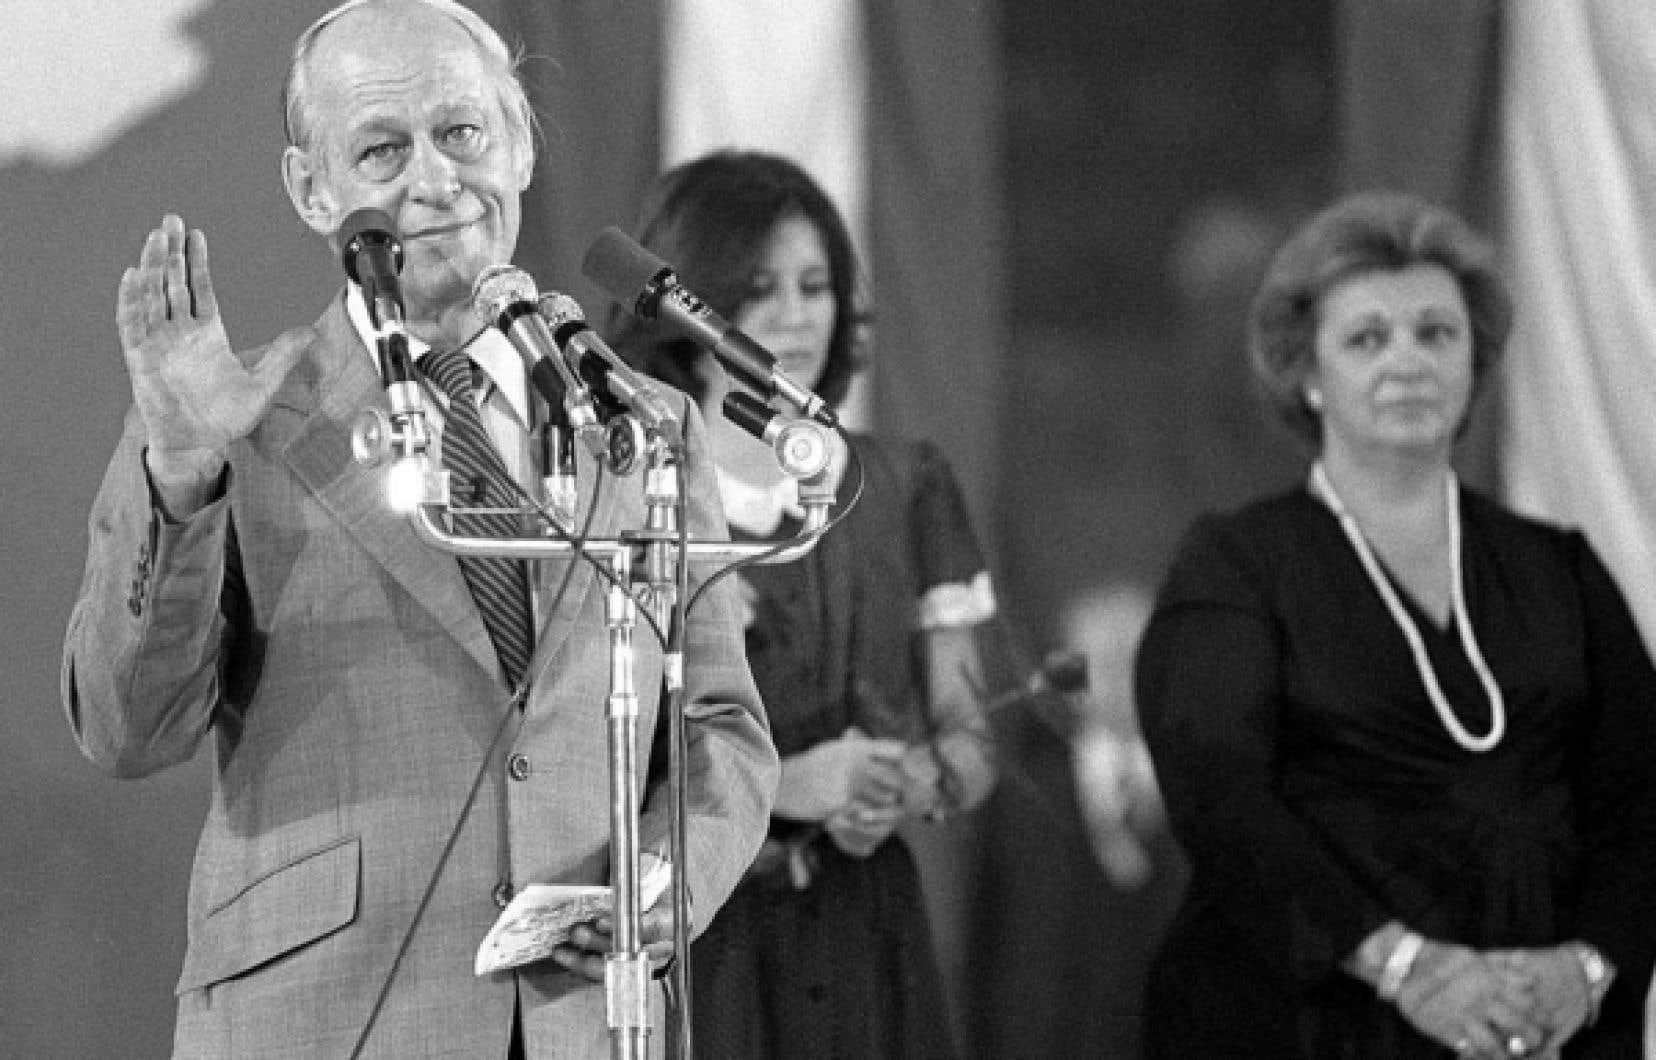 René Lévesque après la défaite référendaire de 1980. La Révolution tranquille s'achève sur une impasse politique, constate l'économiste Pierre Fortin.<br />